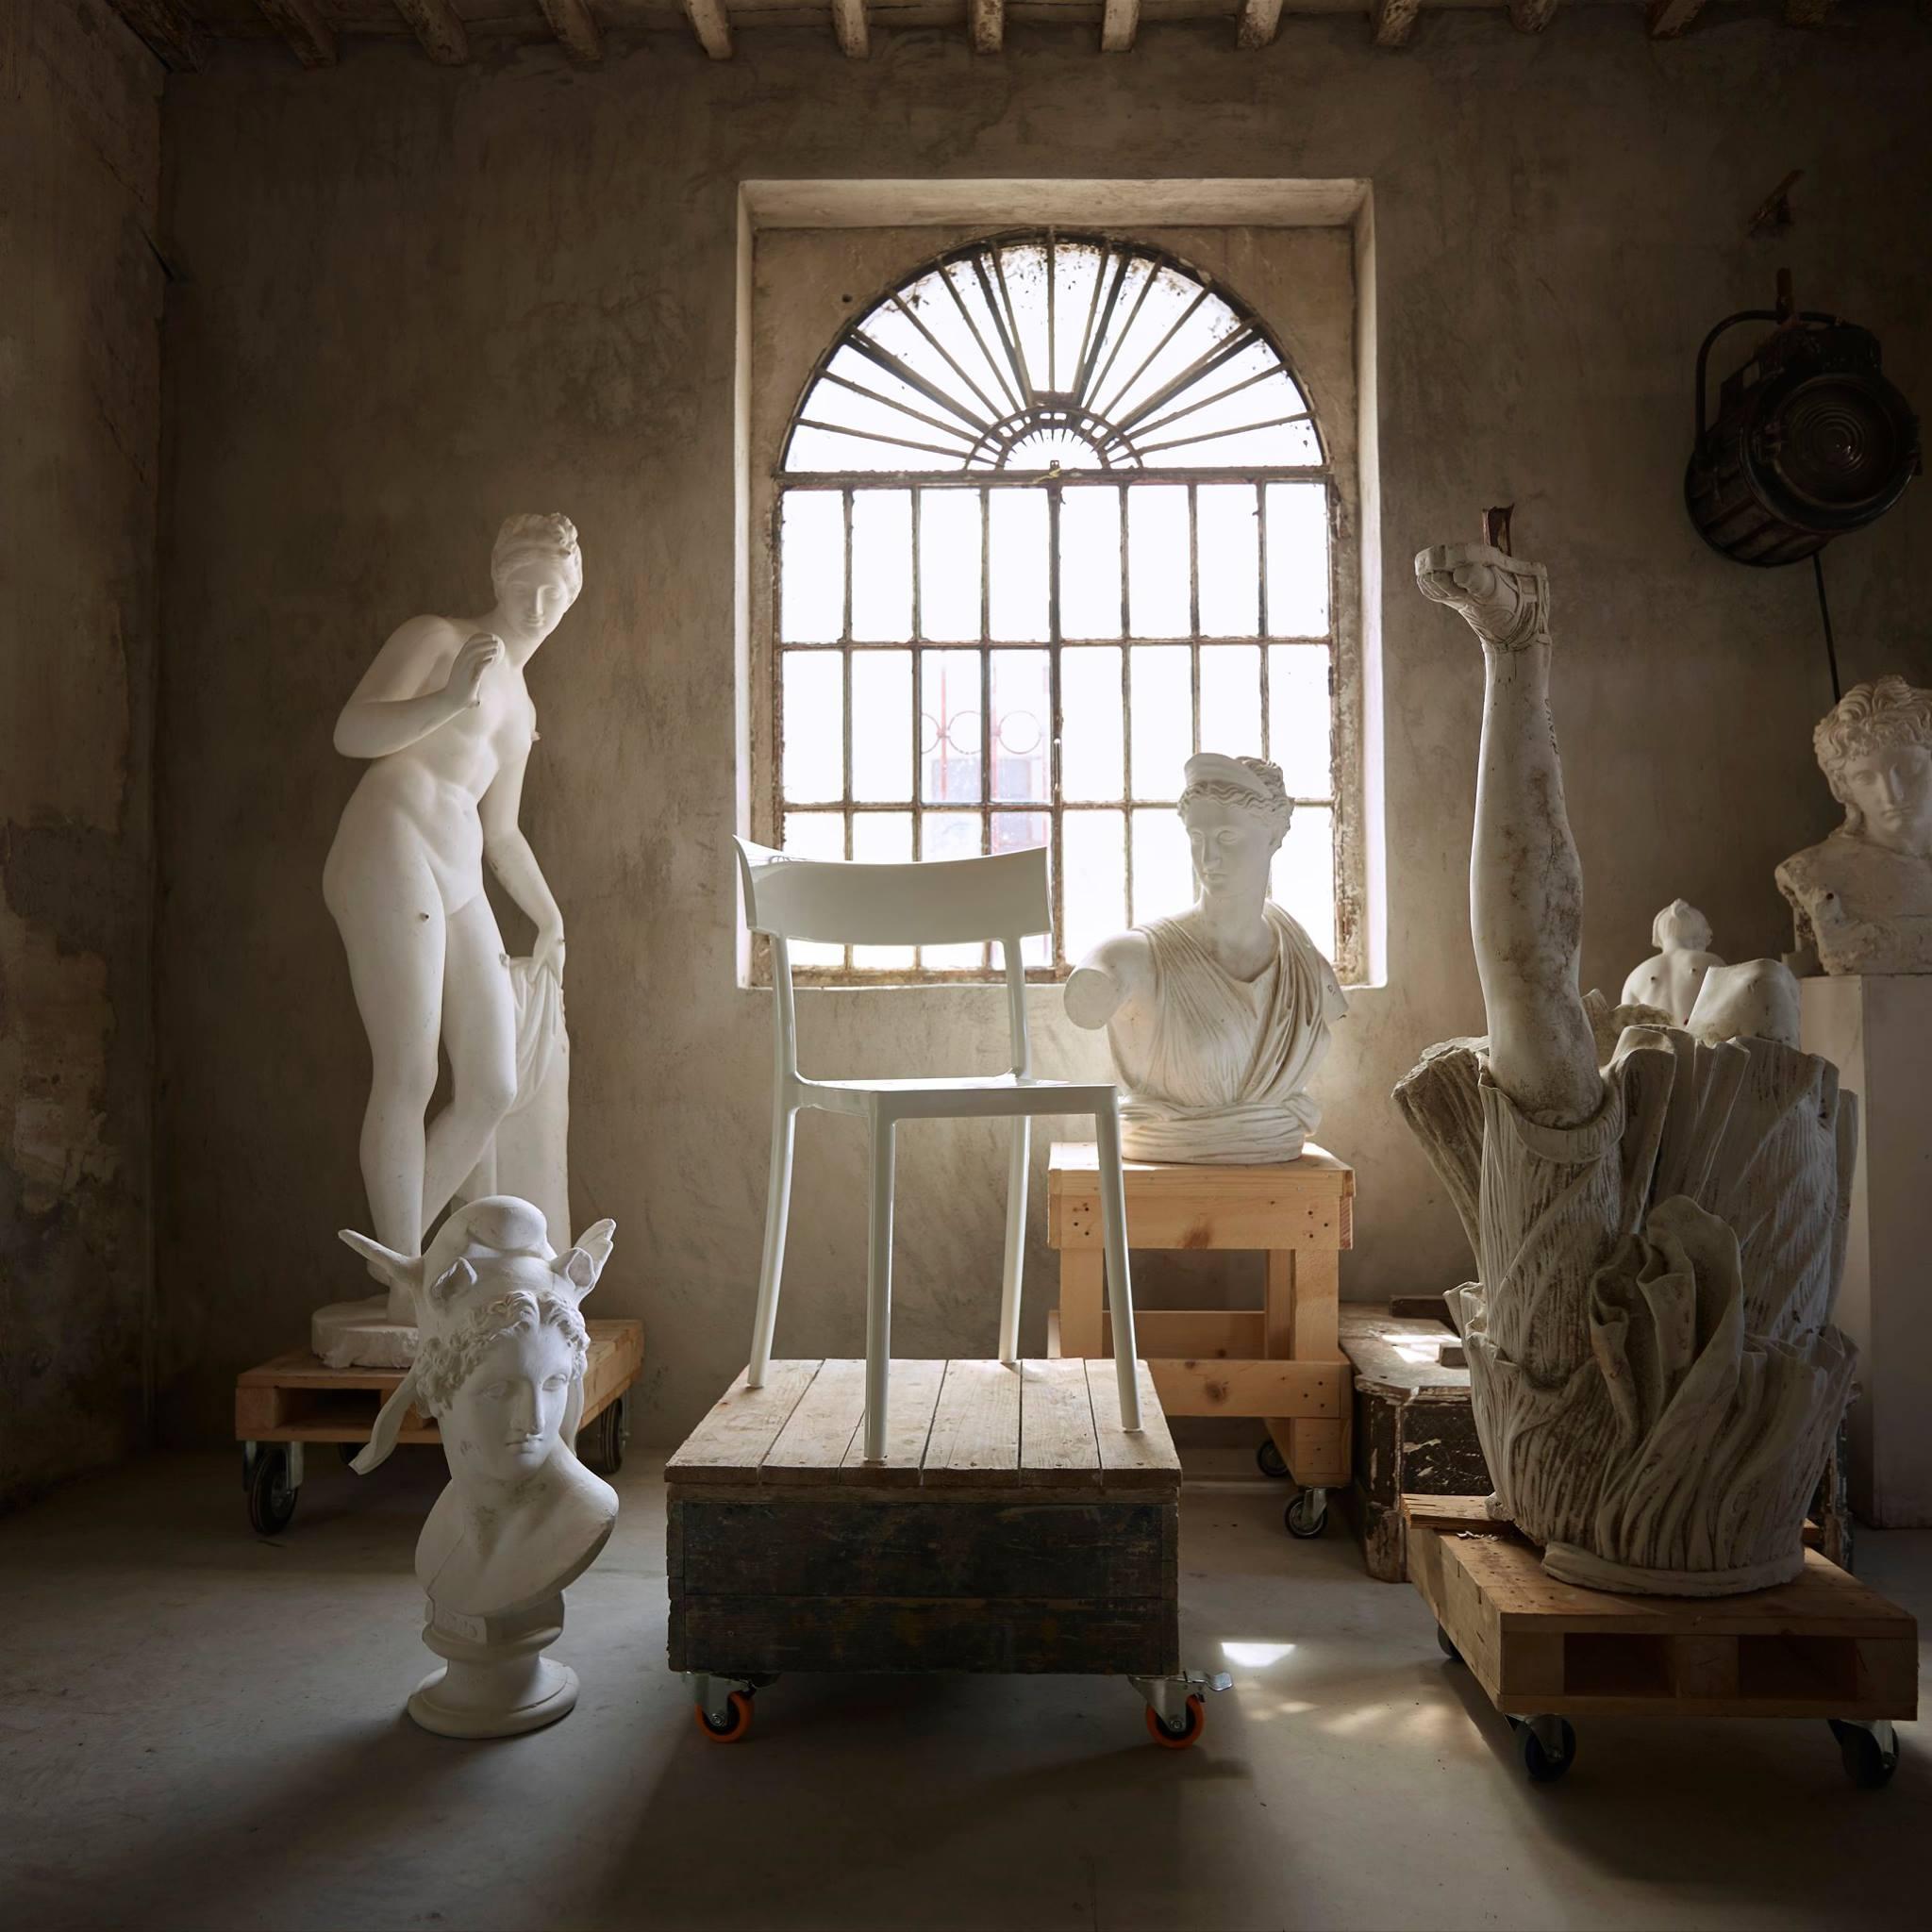 Sculptor Massimilliano Pelletti's Art Studio in Pietrasanta, Italy. Photography © Veronica Gaido.